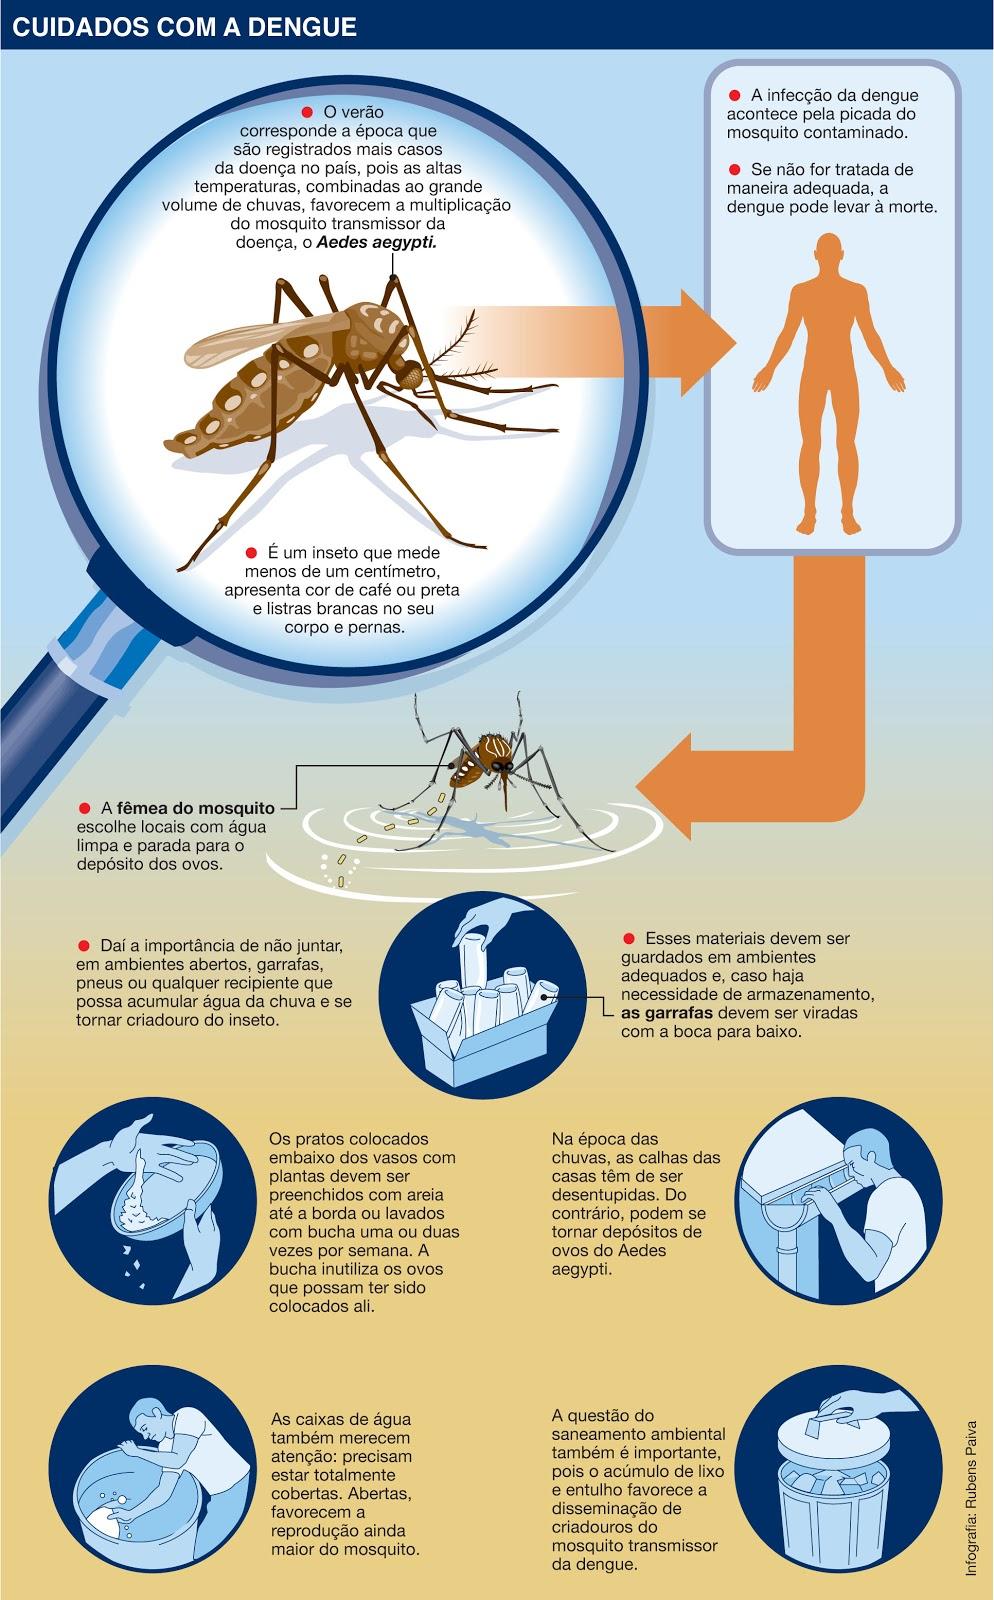 Portal Trabalho Seguro: O que é Dengue?